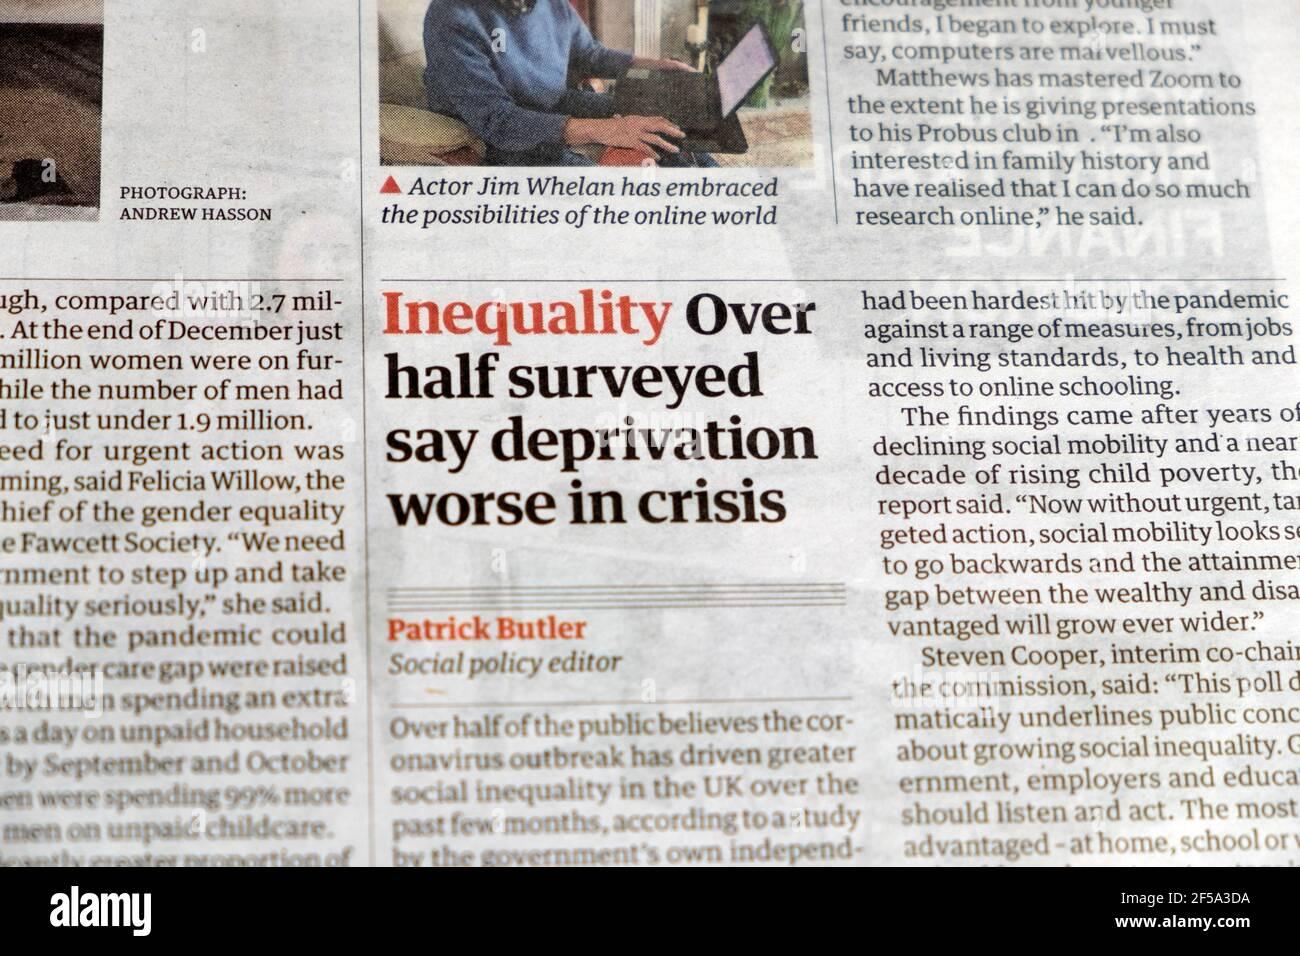 """""""La disuguaglianza più della metà intervistata dice che la privazione è peggiore in crisi"""" Guardian Titolo del giornale Covid 19 articolo del 11 marzo 2021 in Londra, Regno Unito Foto Stock"""